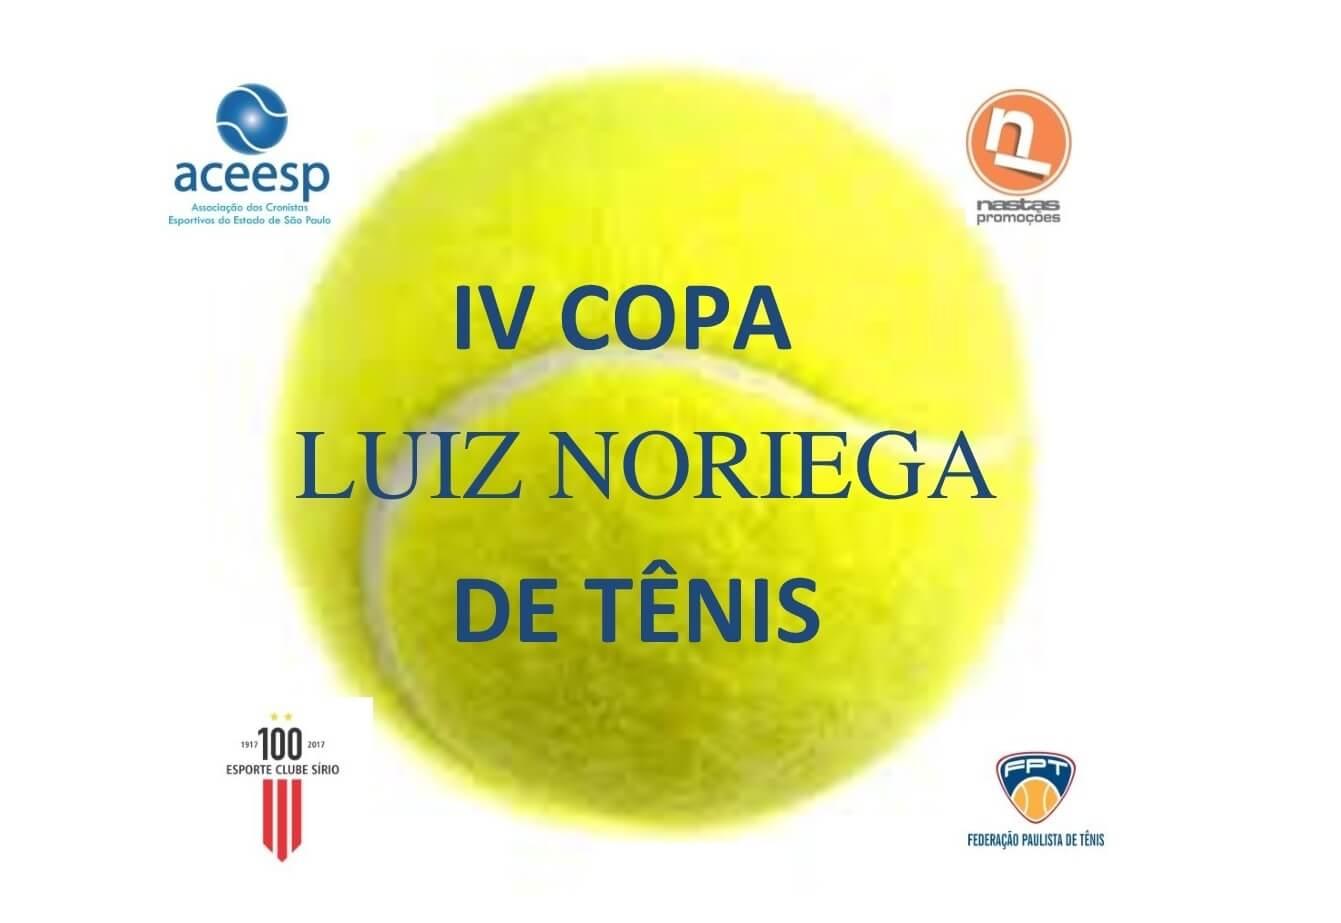 cd36846d93 A Associação dos Cronistas Esportivos do Estado de SP realiza a partir do  próximo dia 19 de janeiro a IV Copa Luiz Noriega de Tênis.